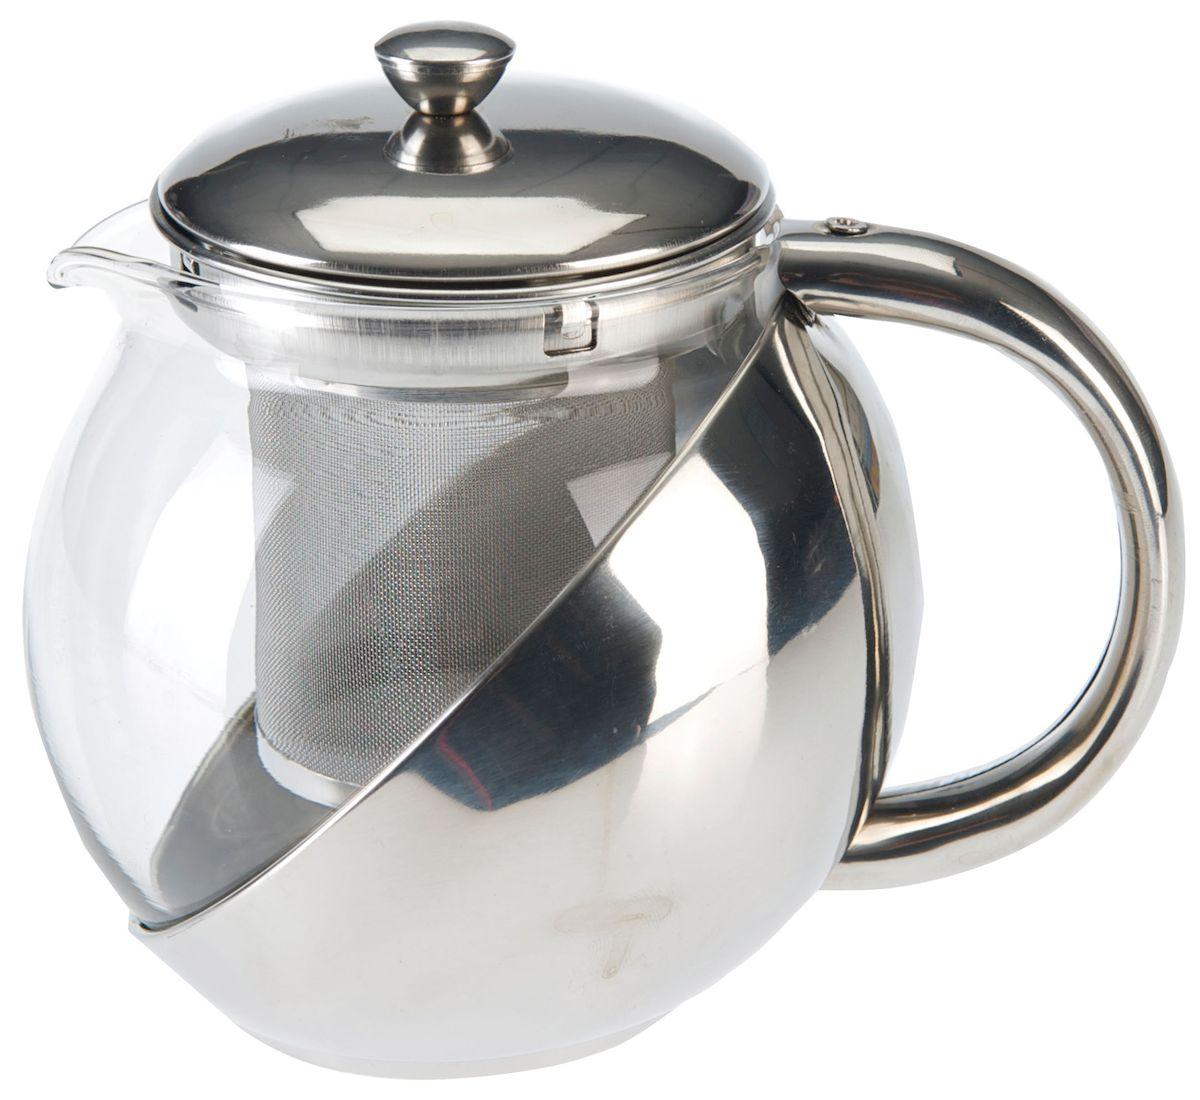 Чайник заварочный Axentia, с фильтром, 1,2 л54 009305Заварочный чайник Axentia, изготовленный из термостойкого стекла,предоставит вам все необходимые возможности для успешного заваривания чая.Чай в таком чайнике дольше остается горячим, а полезные и ароматическиевещества полностью сохраняются в напитке. Чайник оснащен фильтром, выполненном из нержавеющей стали. Простой и удобный чайник поможет вам приготовить крепкий, ароматный чай.Нельзя мыть в посудомоечной машине. Не использовать в микроволновой печи.Диаметр чайника (по верхнему краю): 13 см.Высота чайника (без учета крышки): 15,5 см.